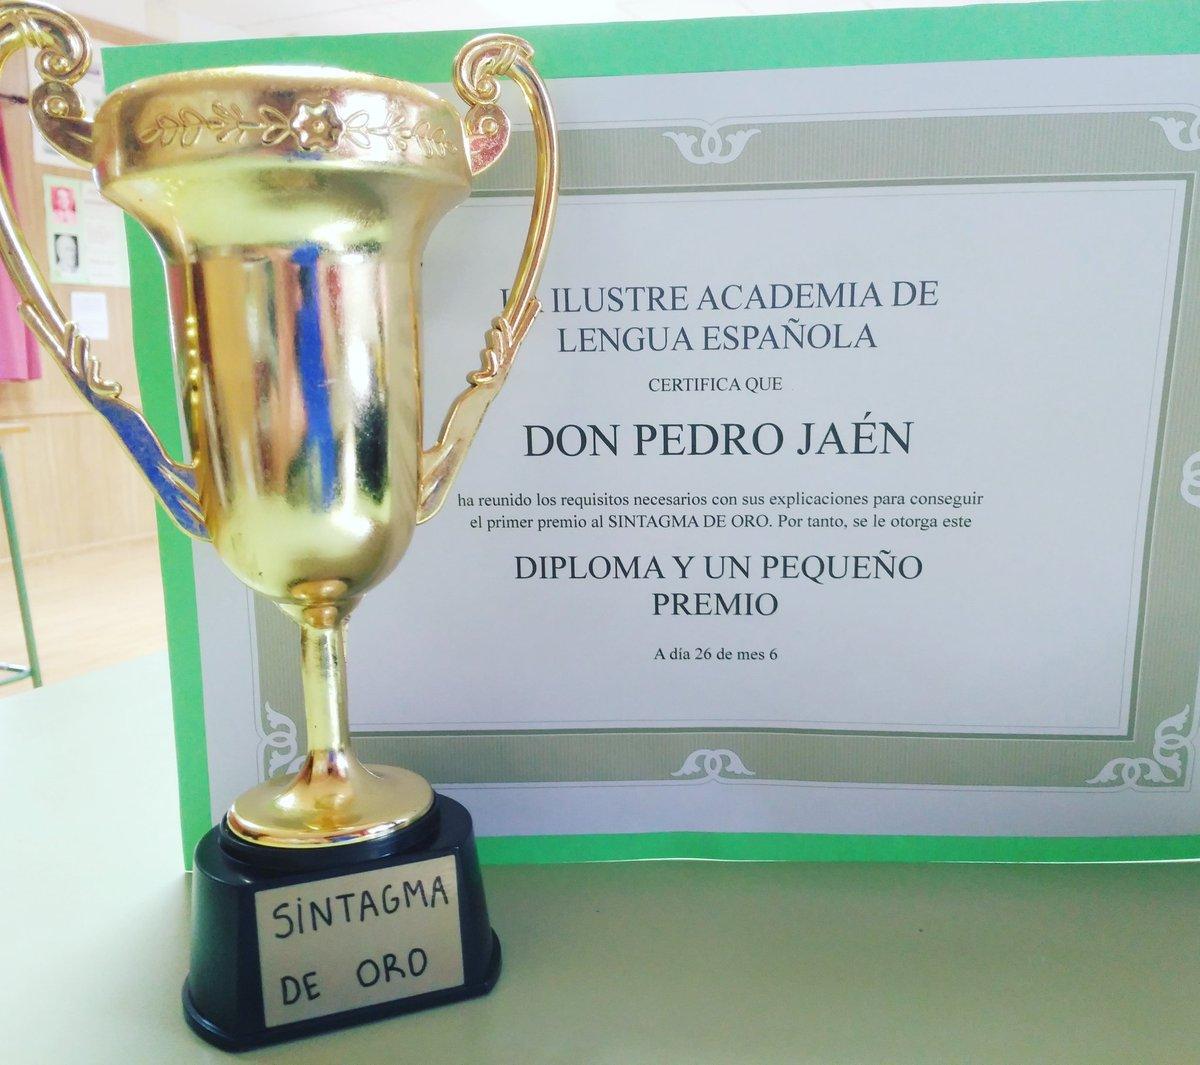 En el mismo día, los de 2° de Bachillerato me entregan el #SintagmaDeOro y me invitan a su fiesta de #Graduación. ¡Cuánto honor! #GRACIAS 🏆😍♥️🇪🇺 #EuropaEsMiColegio